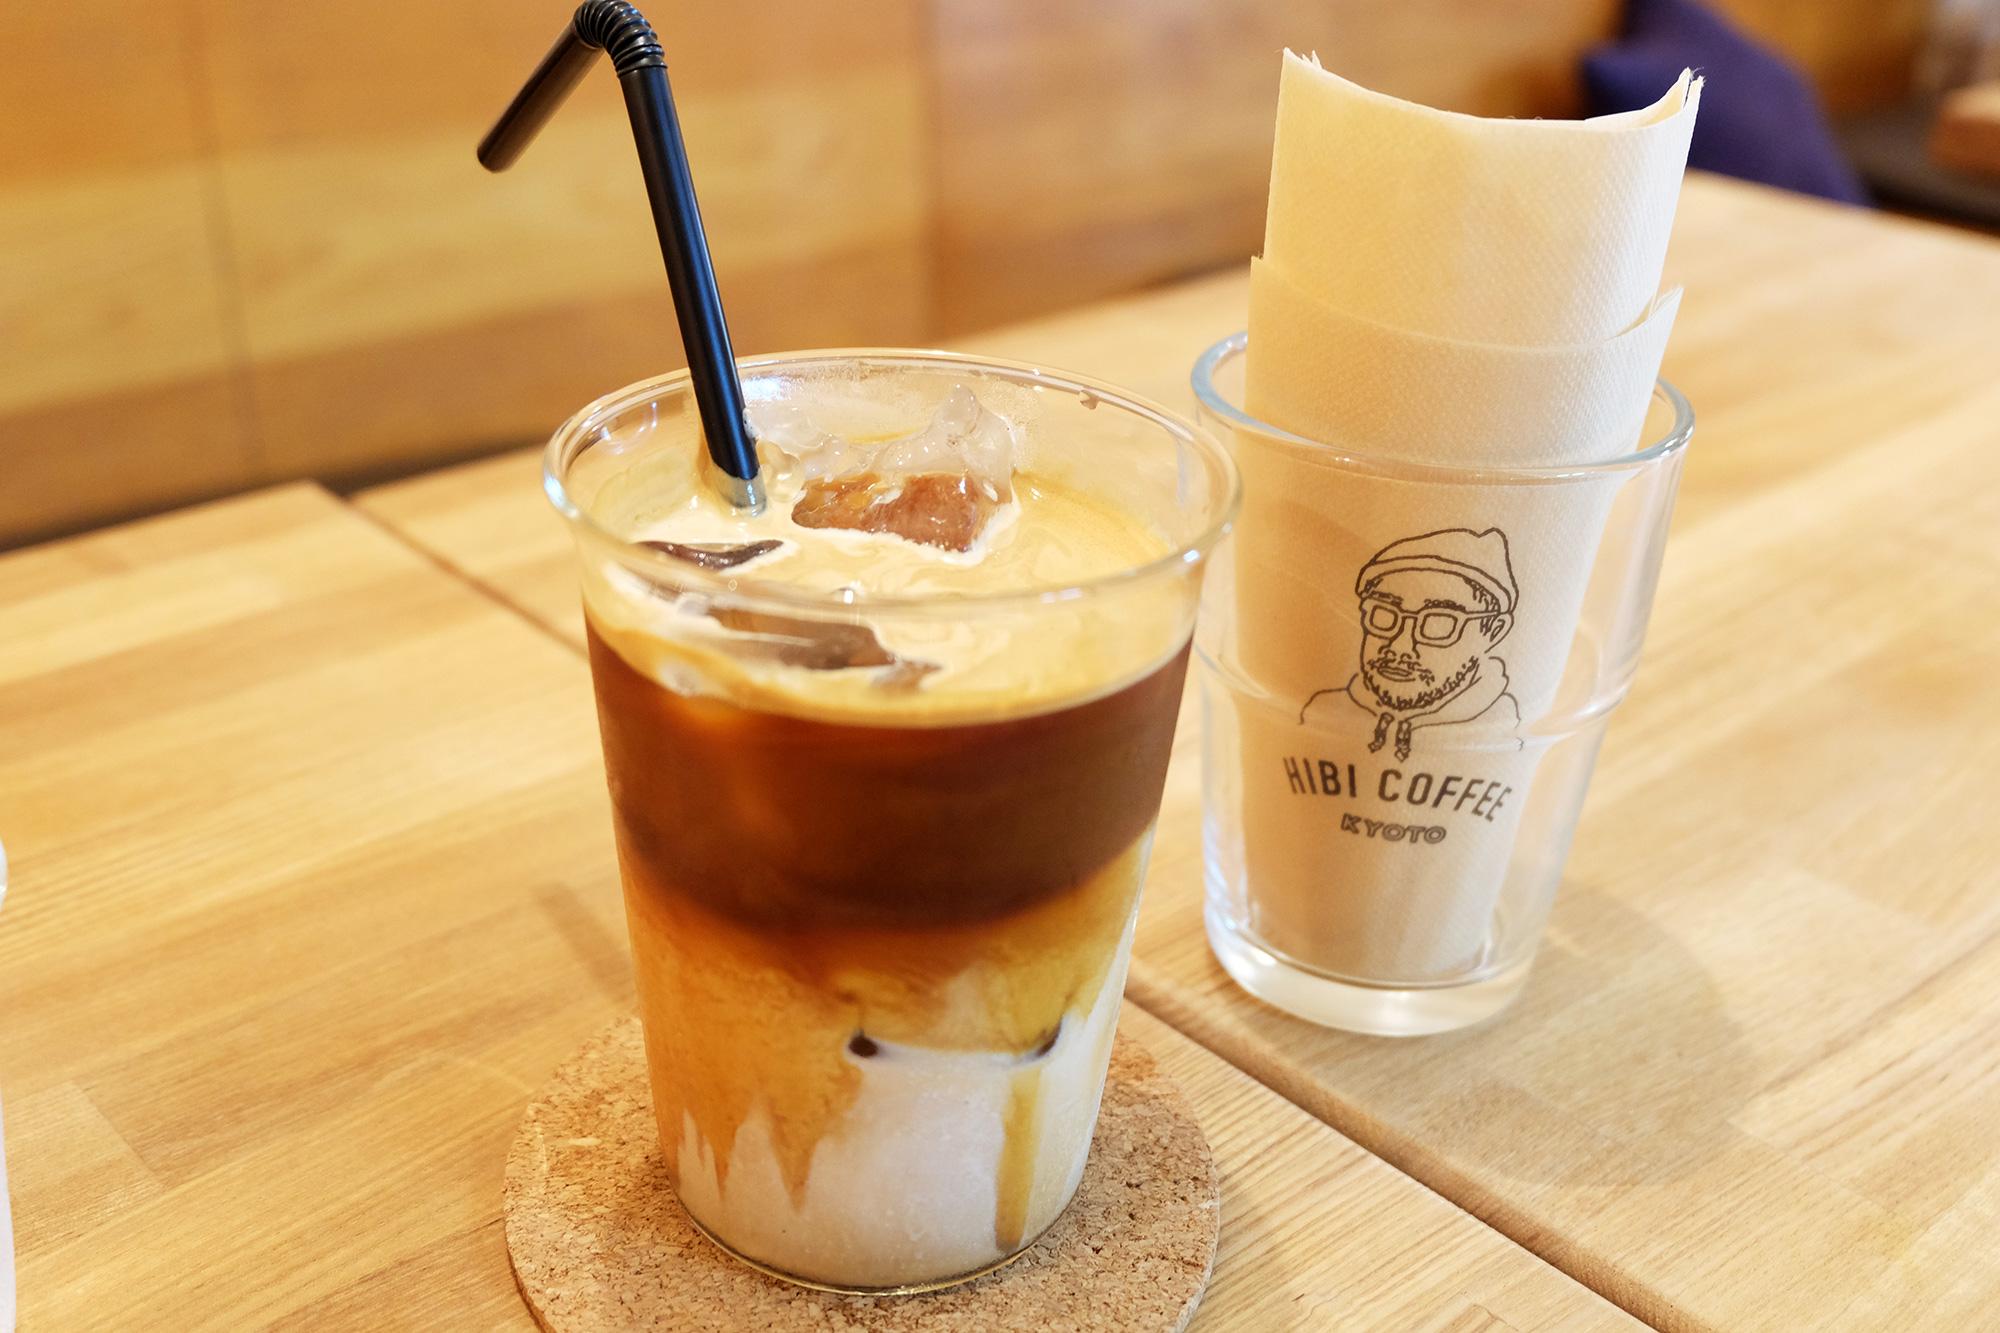 【京都】何度でも行きたいおすすめカフェ・コーヒースタンド アジパイ ヒビコーヒー